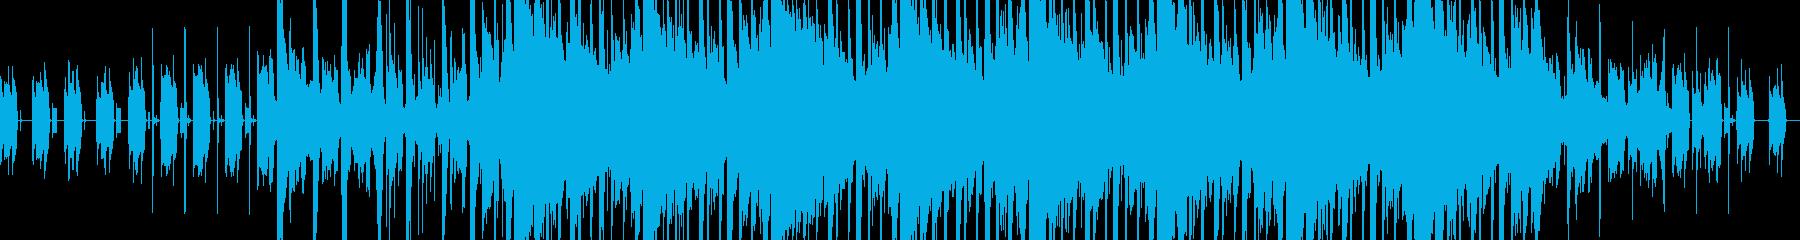 テンポ感の良い優しいエレクトロニカの再生済みの波形